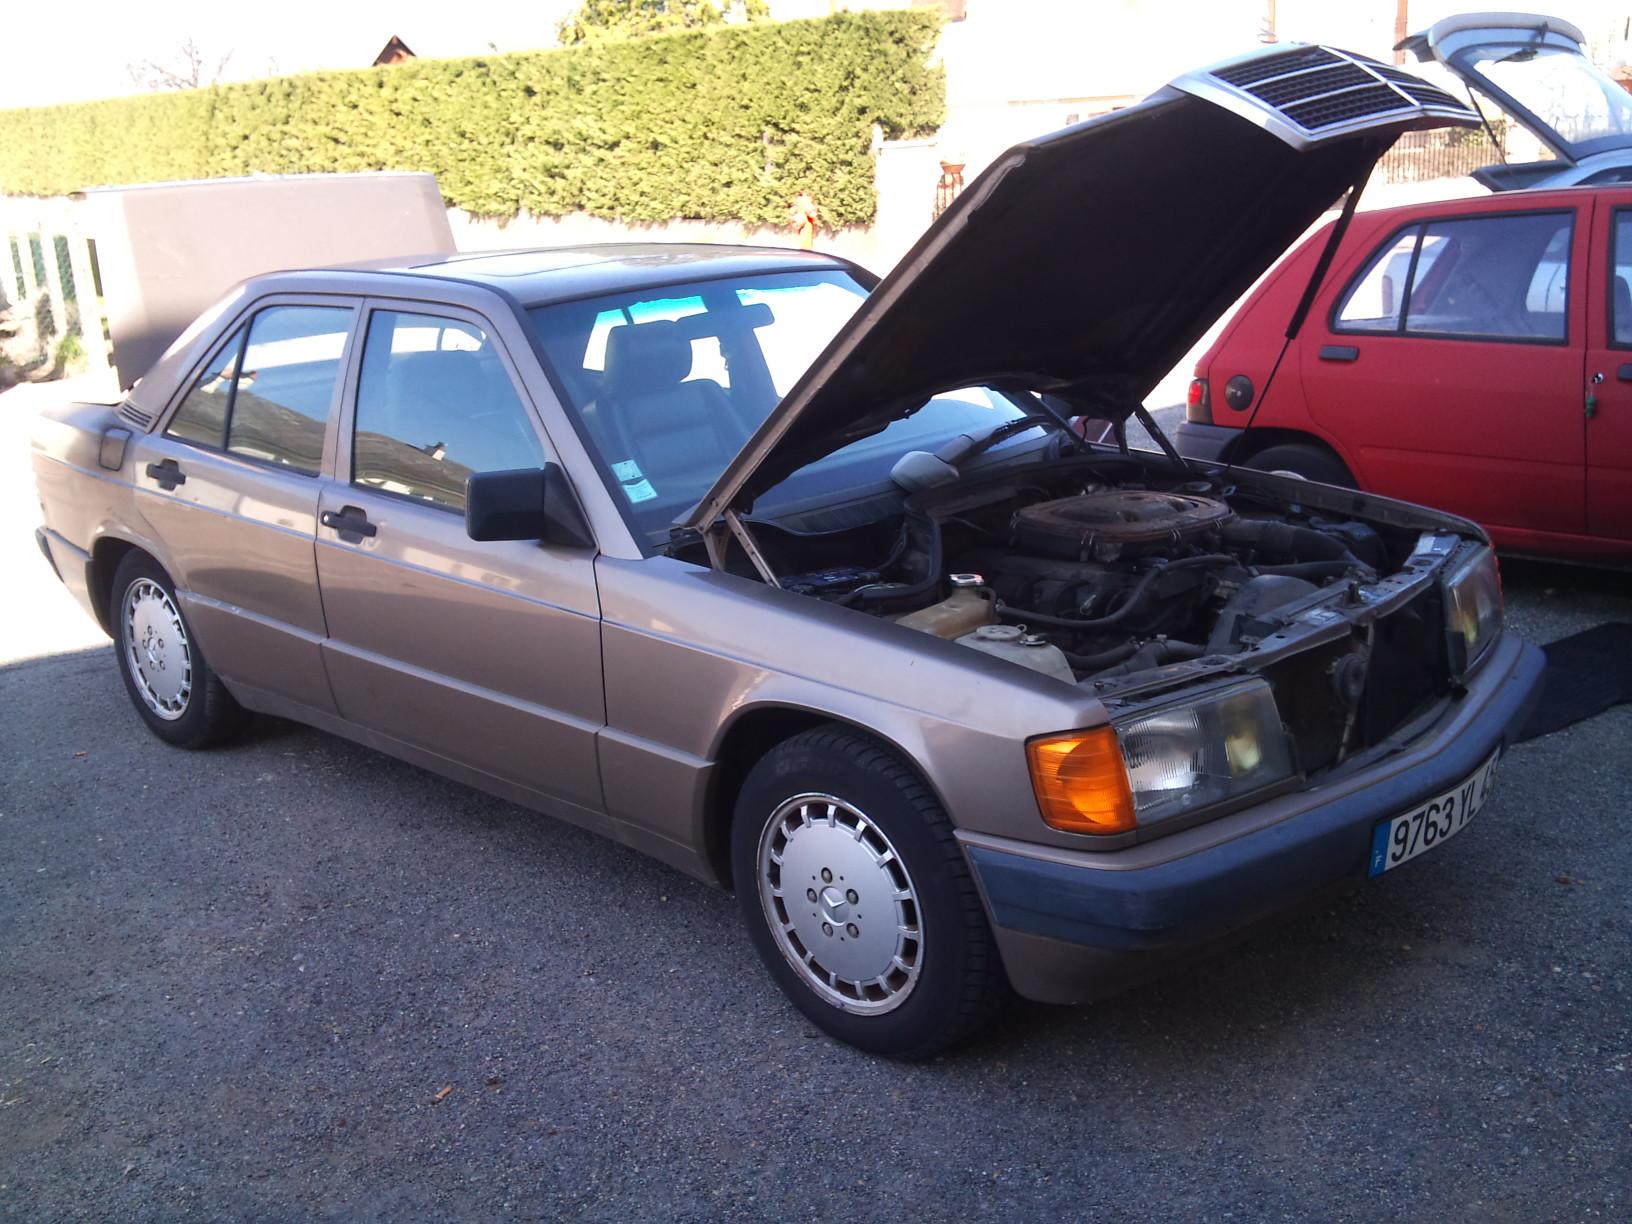 Mercedes 190 1.8 BVA, mon nouveau dailly 447019DSC2196